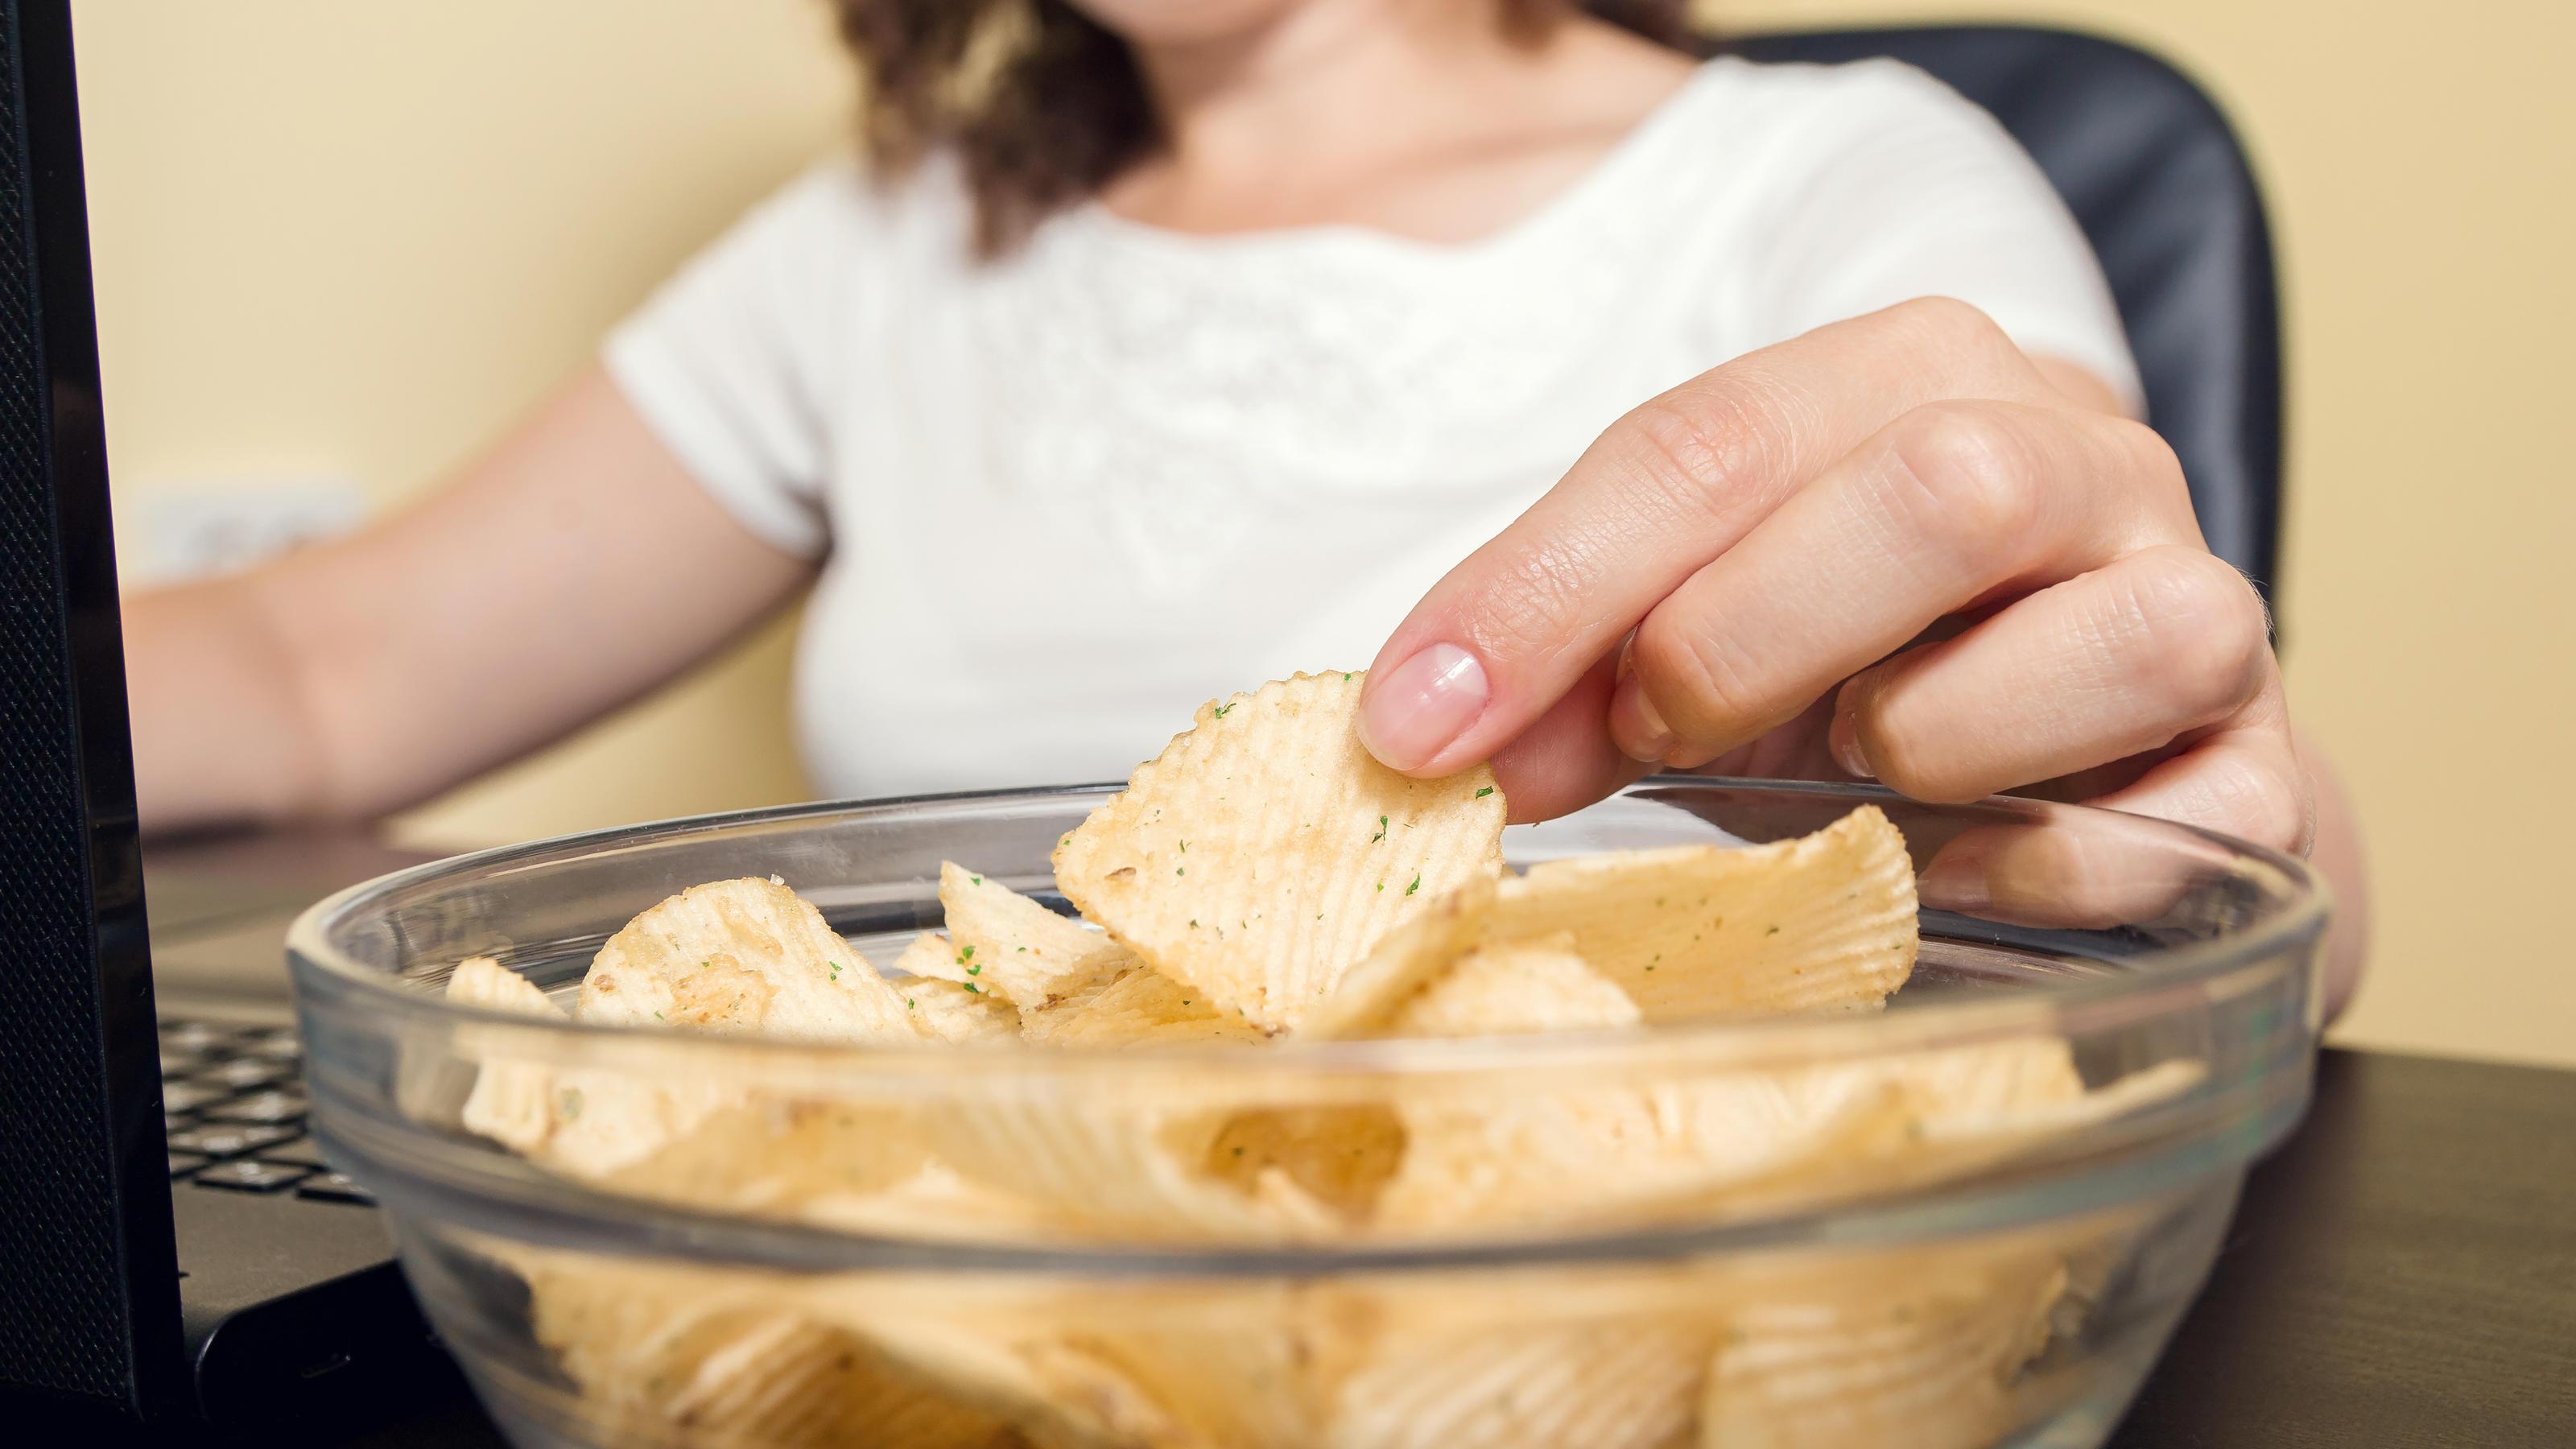 Junge Frau sitzt vor dem Laptop und greift nach Chips in einer Schüssel auf ihrem Schreibtisch